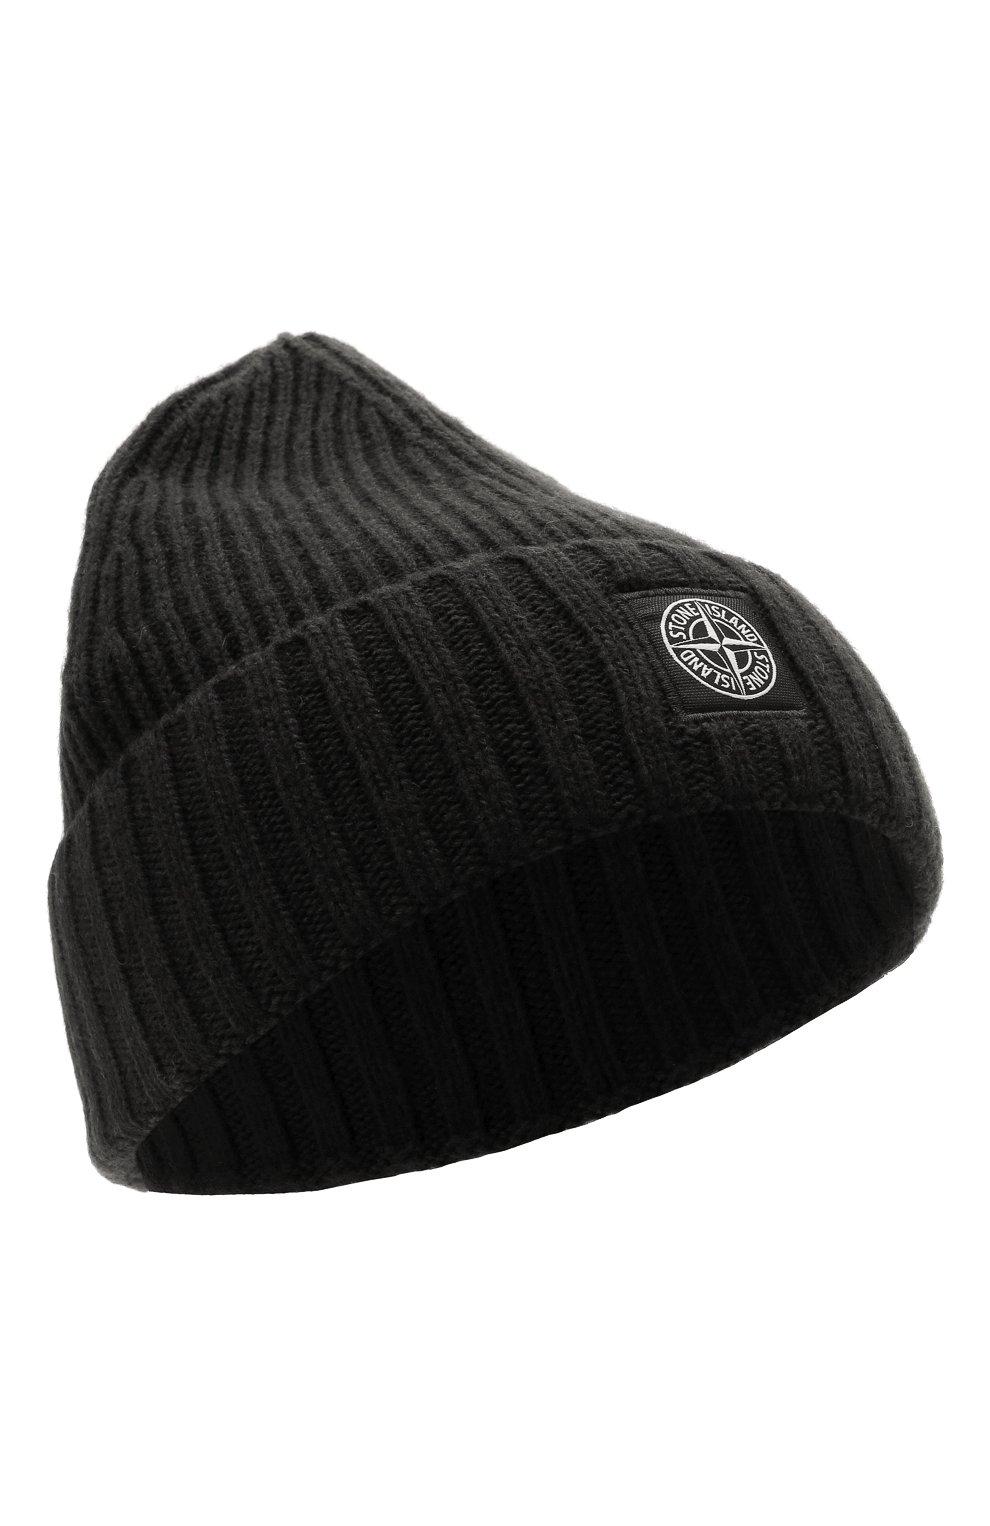 Детского шапка из шерсти и вискозы STONE ISLAND черного цвета, арт. 7516N03A8   Фото 1 (Материал: Текстиль, Шерсть, Вискоза)